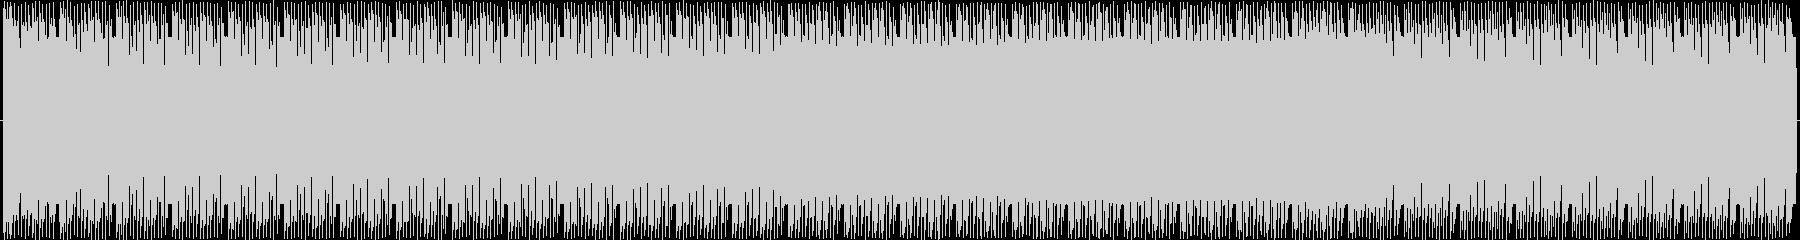 エイリアンループ。即興エイリアン、...の未再生の波形